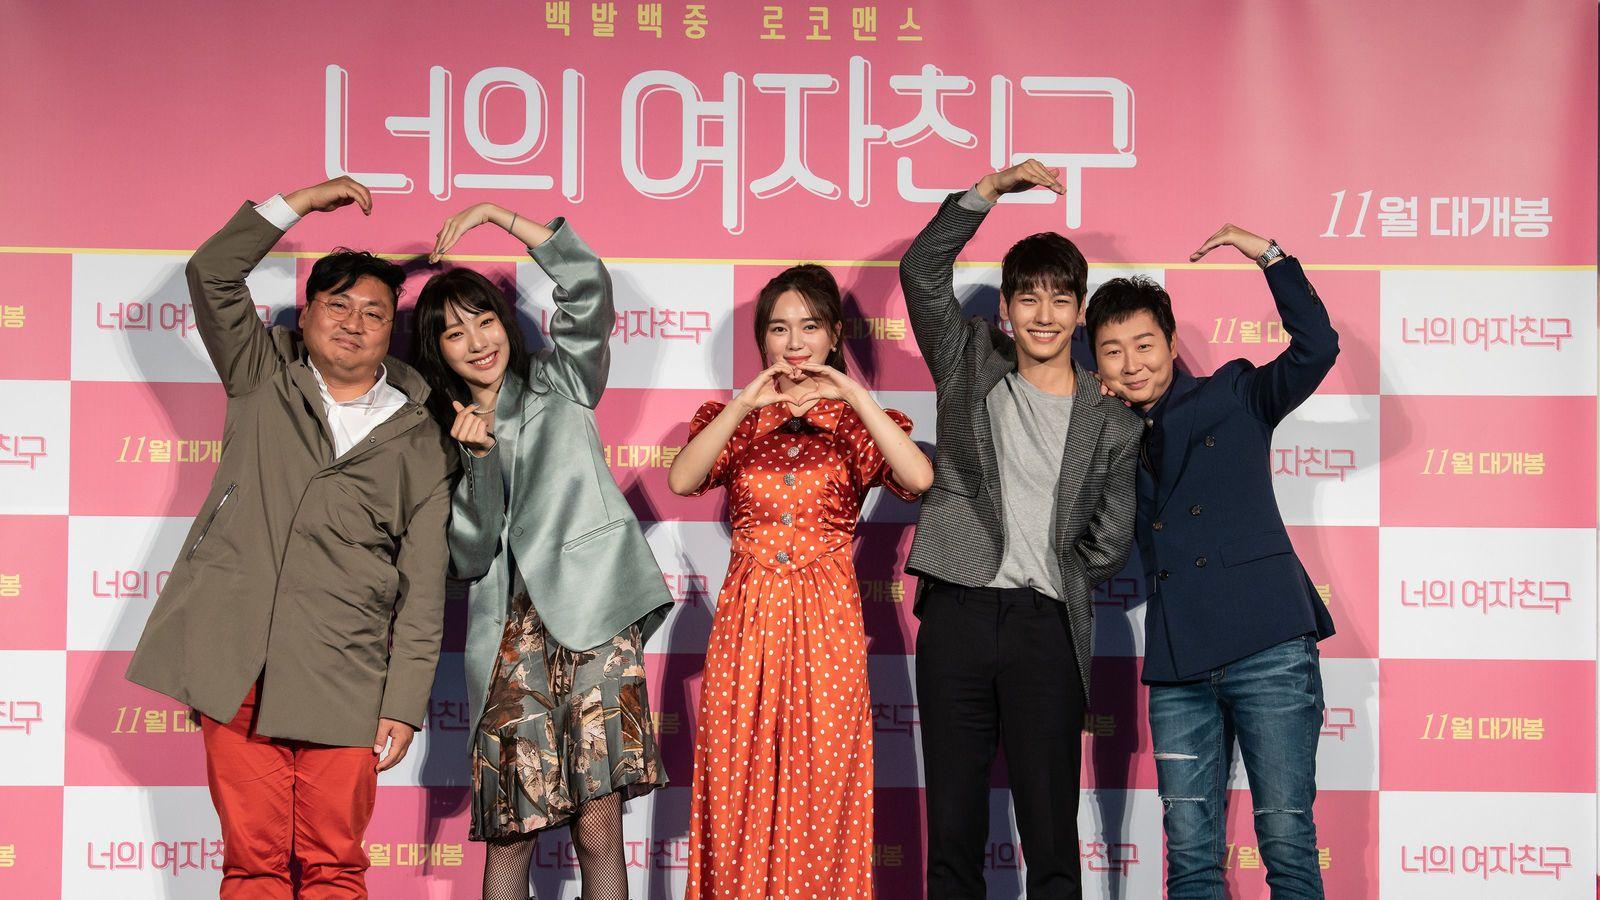 「韓国ドラマ好き=専業主婦」となる哲学的背景 自由意志さえ運命だと気づかされた